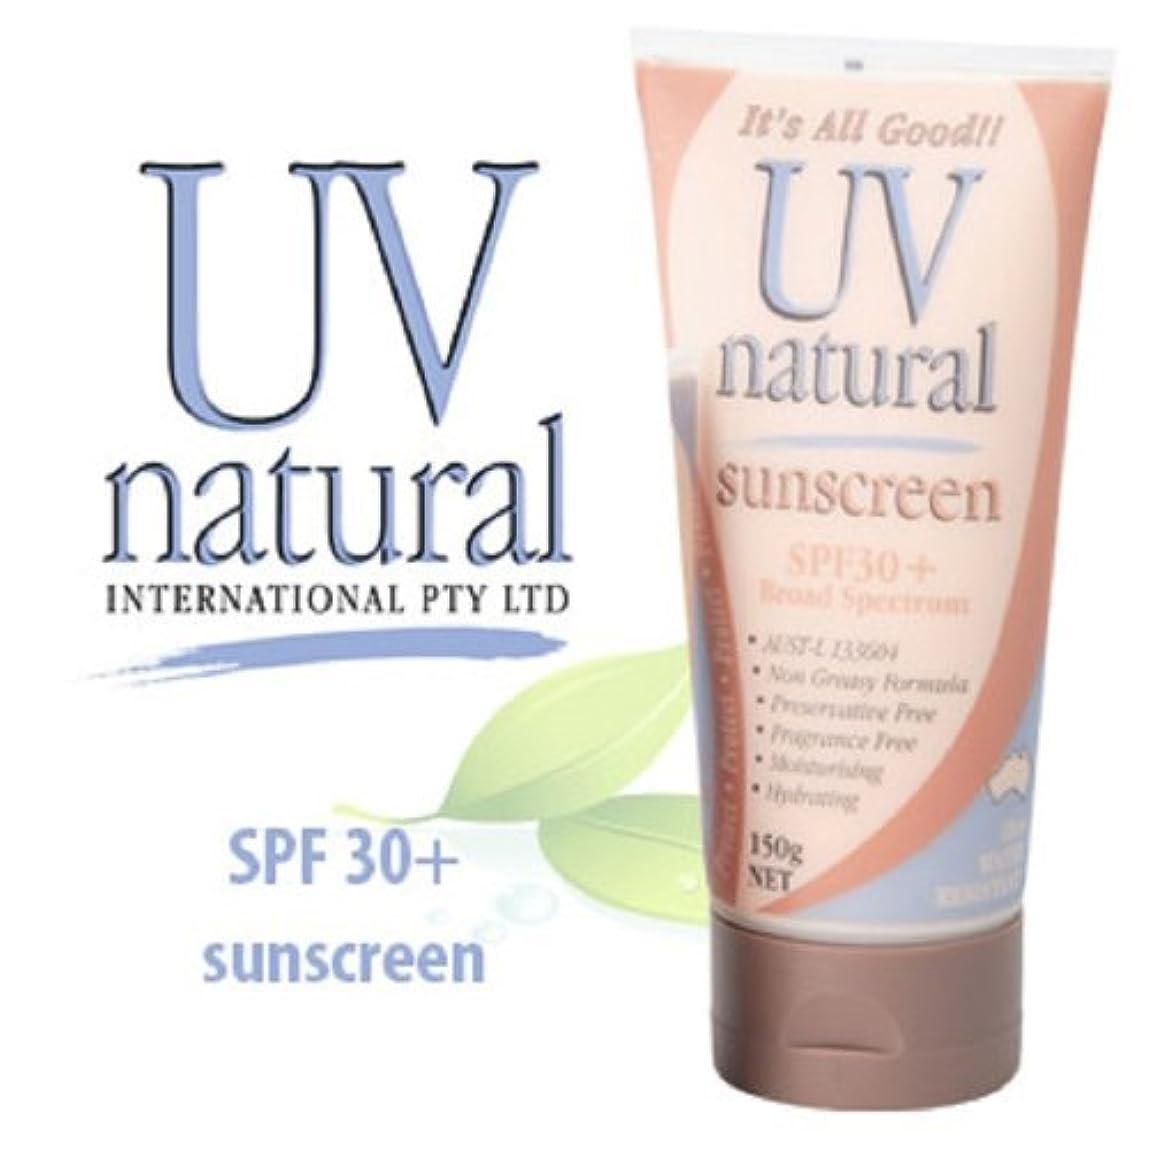 下に向けます精緻化含意【UV NATURAL】日焼け止め Natural SPF30+ 150g 3本セット